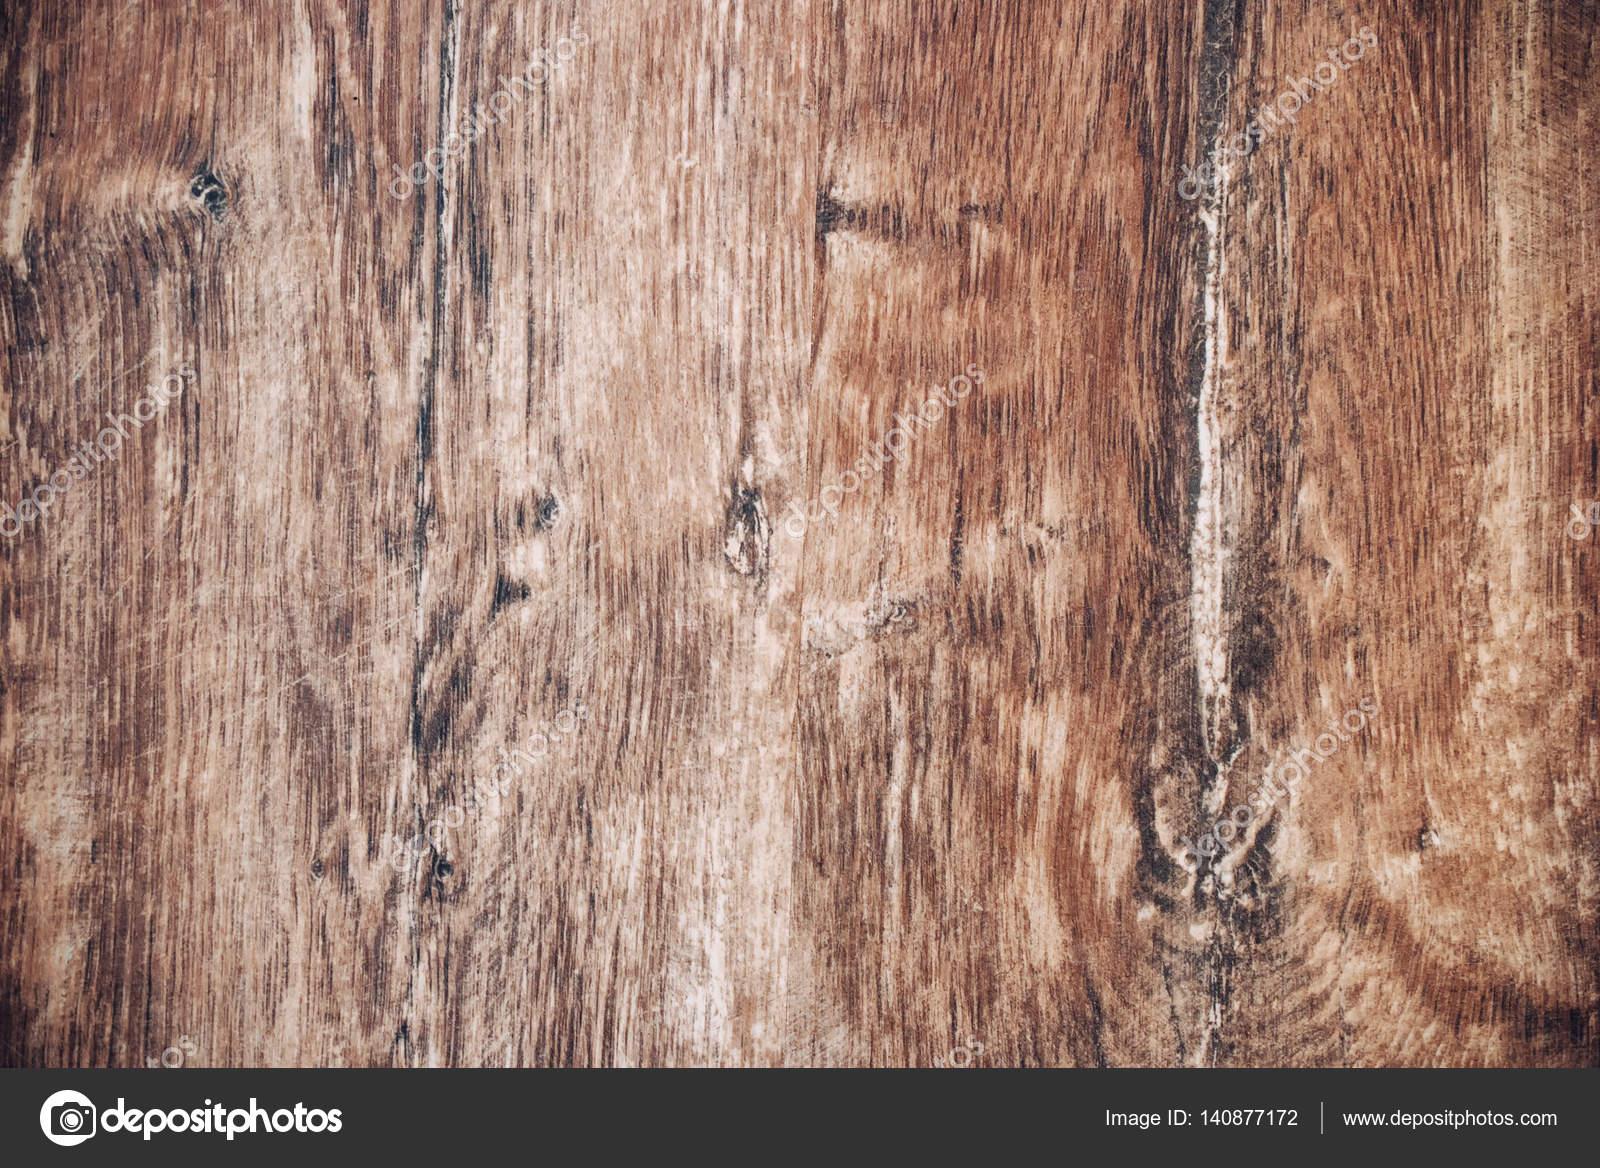 소박한 오크 나무 소재 질감 — 스톡 사진 #140877172